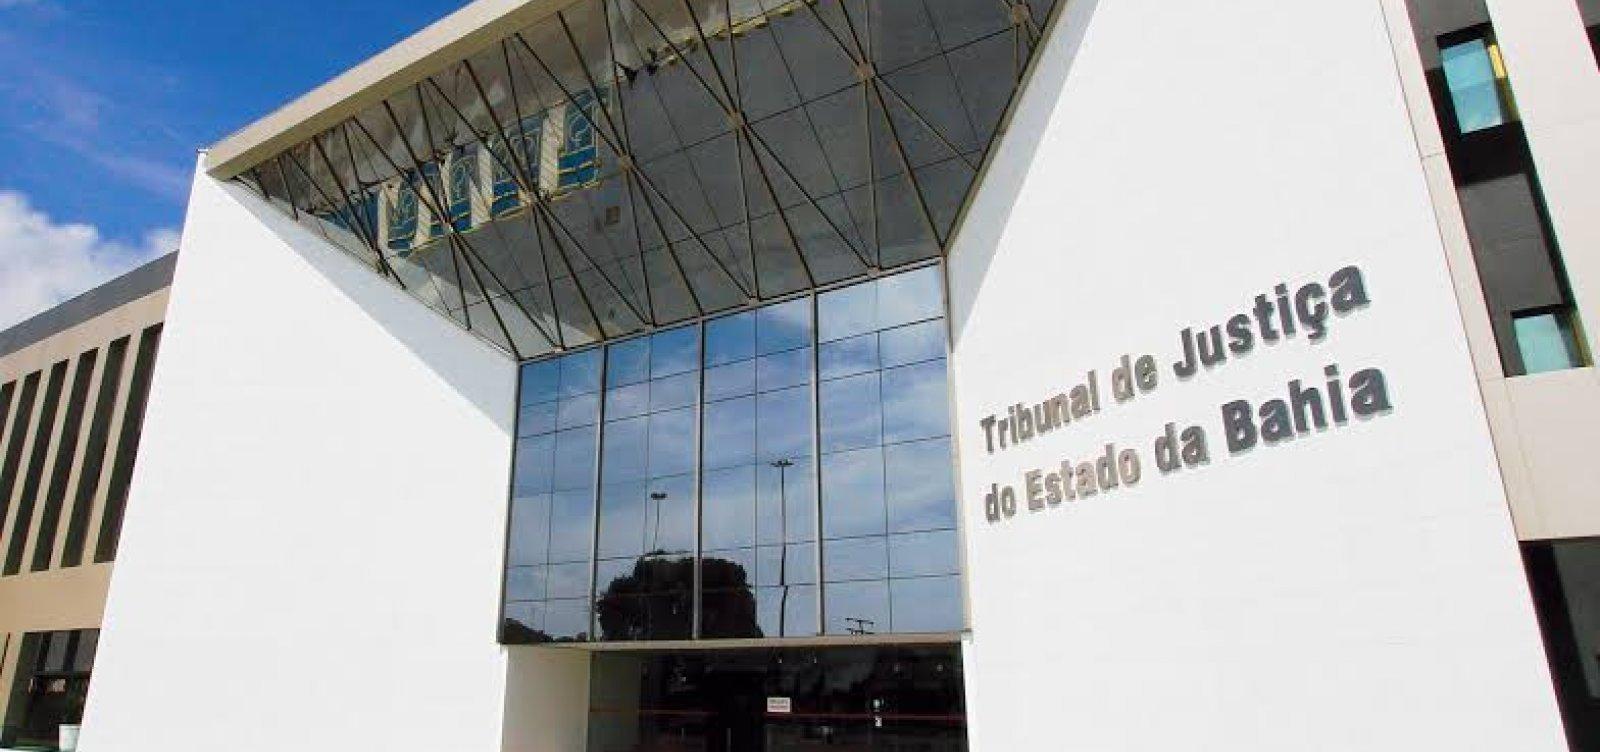 [Operação Faroeste: PF cumpre mandados de prisão contra desembargadora do TJ-BA, filho e advogado ]